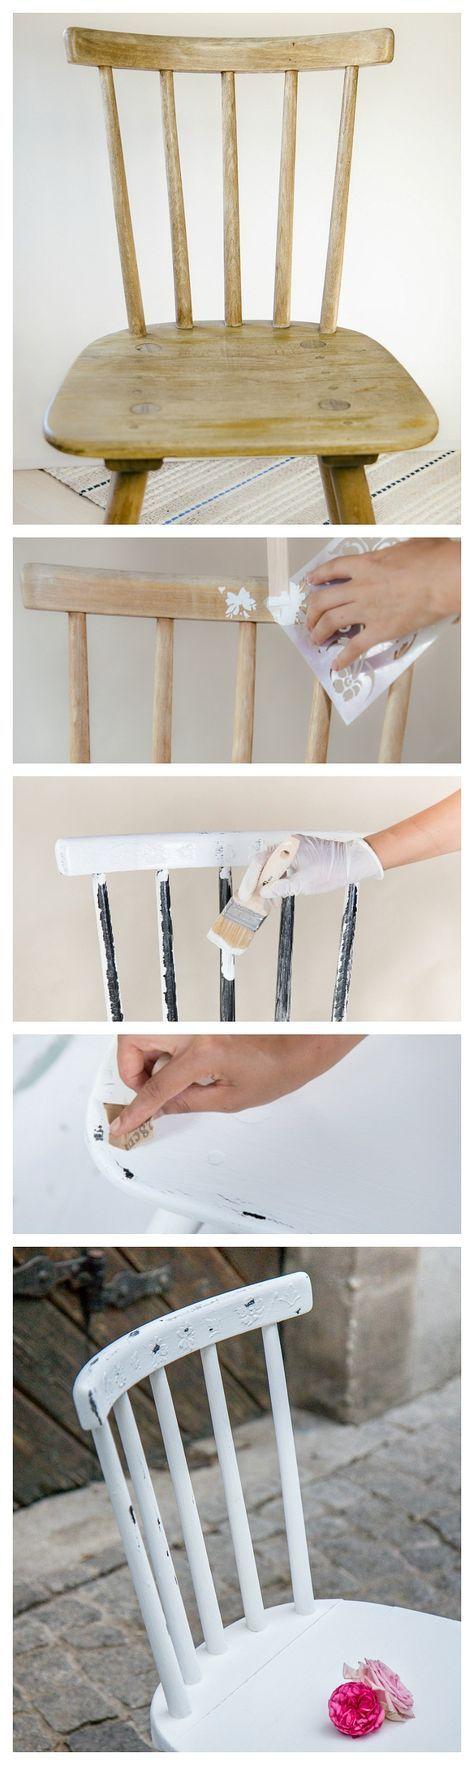 Shabby Chic Möbel selber machen: Kreidefarbe anwenden und Möbel im ...